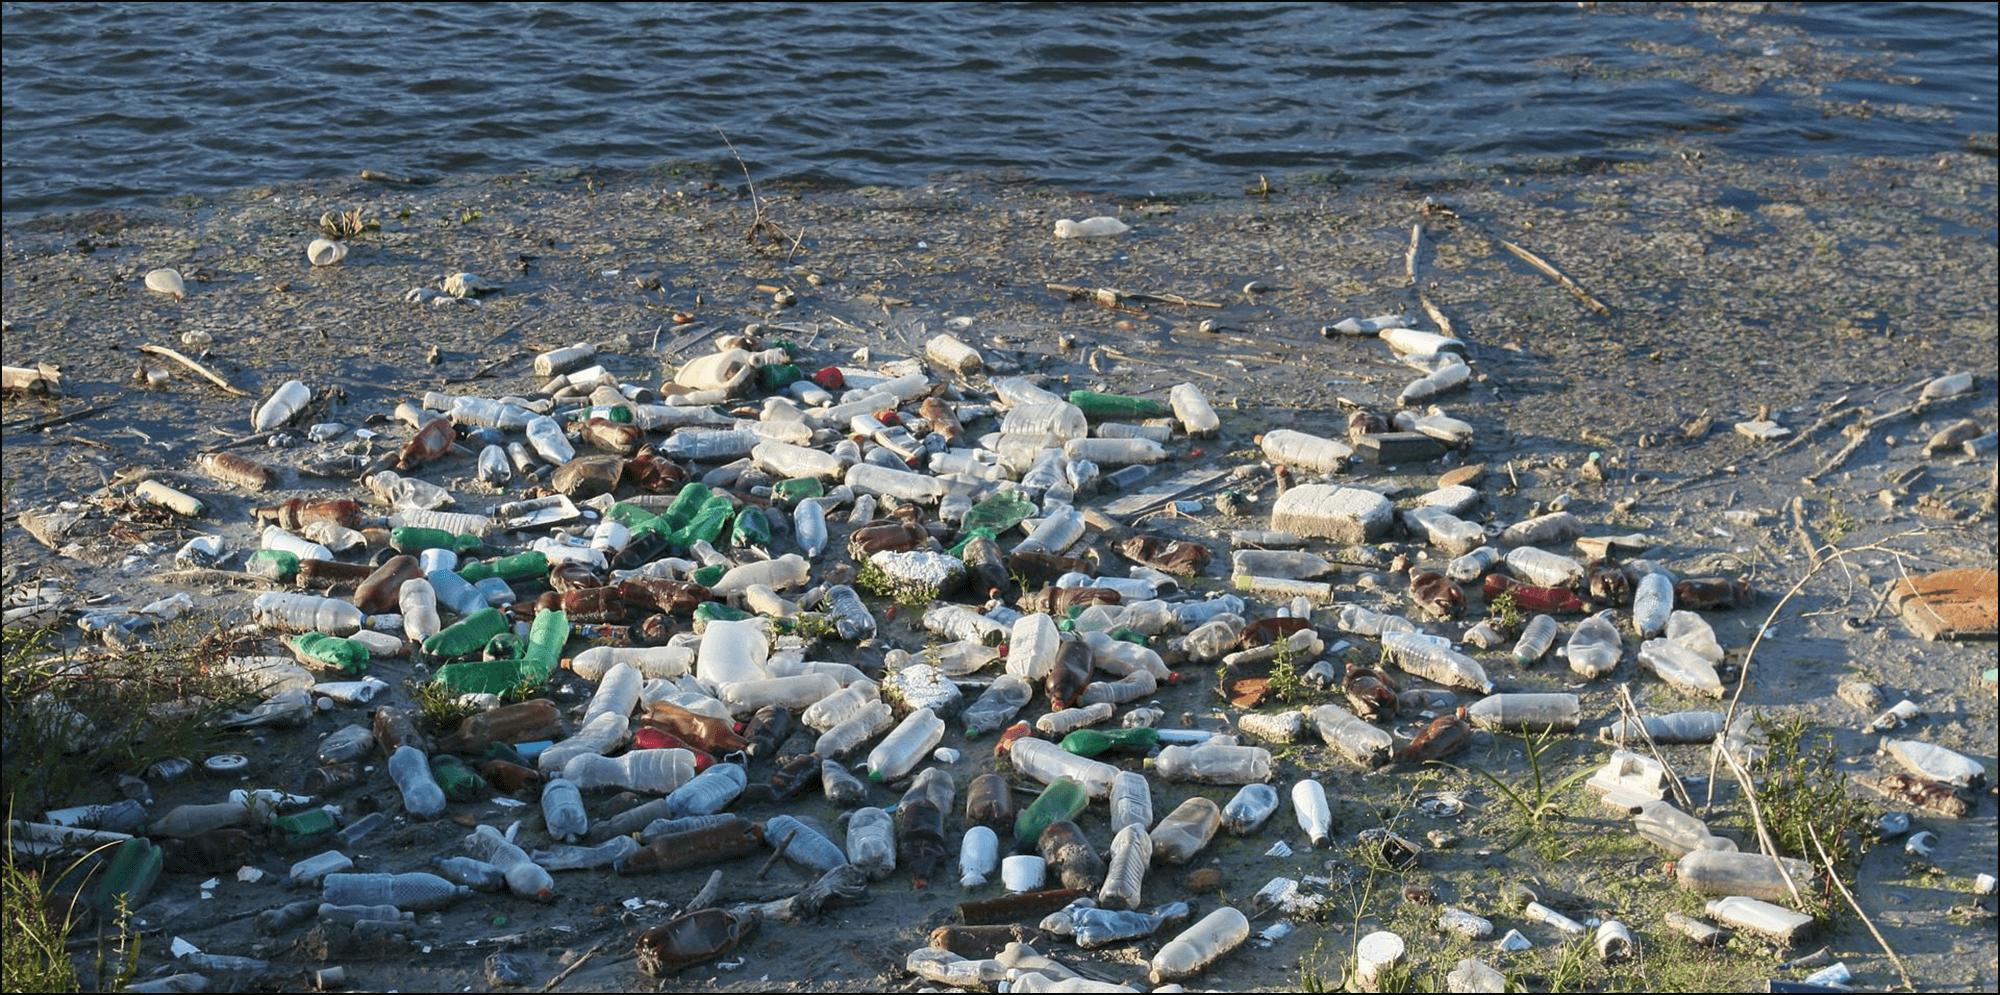 Pet Flaschen Plastik am Strand Abfall Recycling